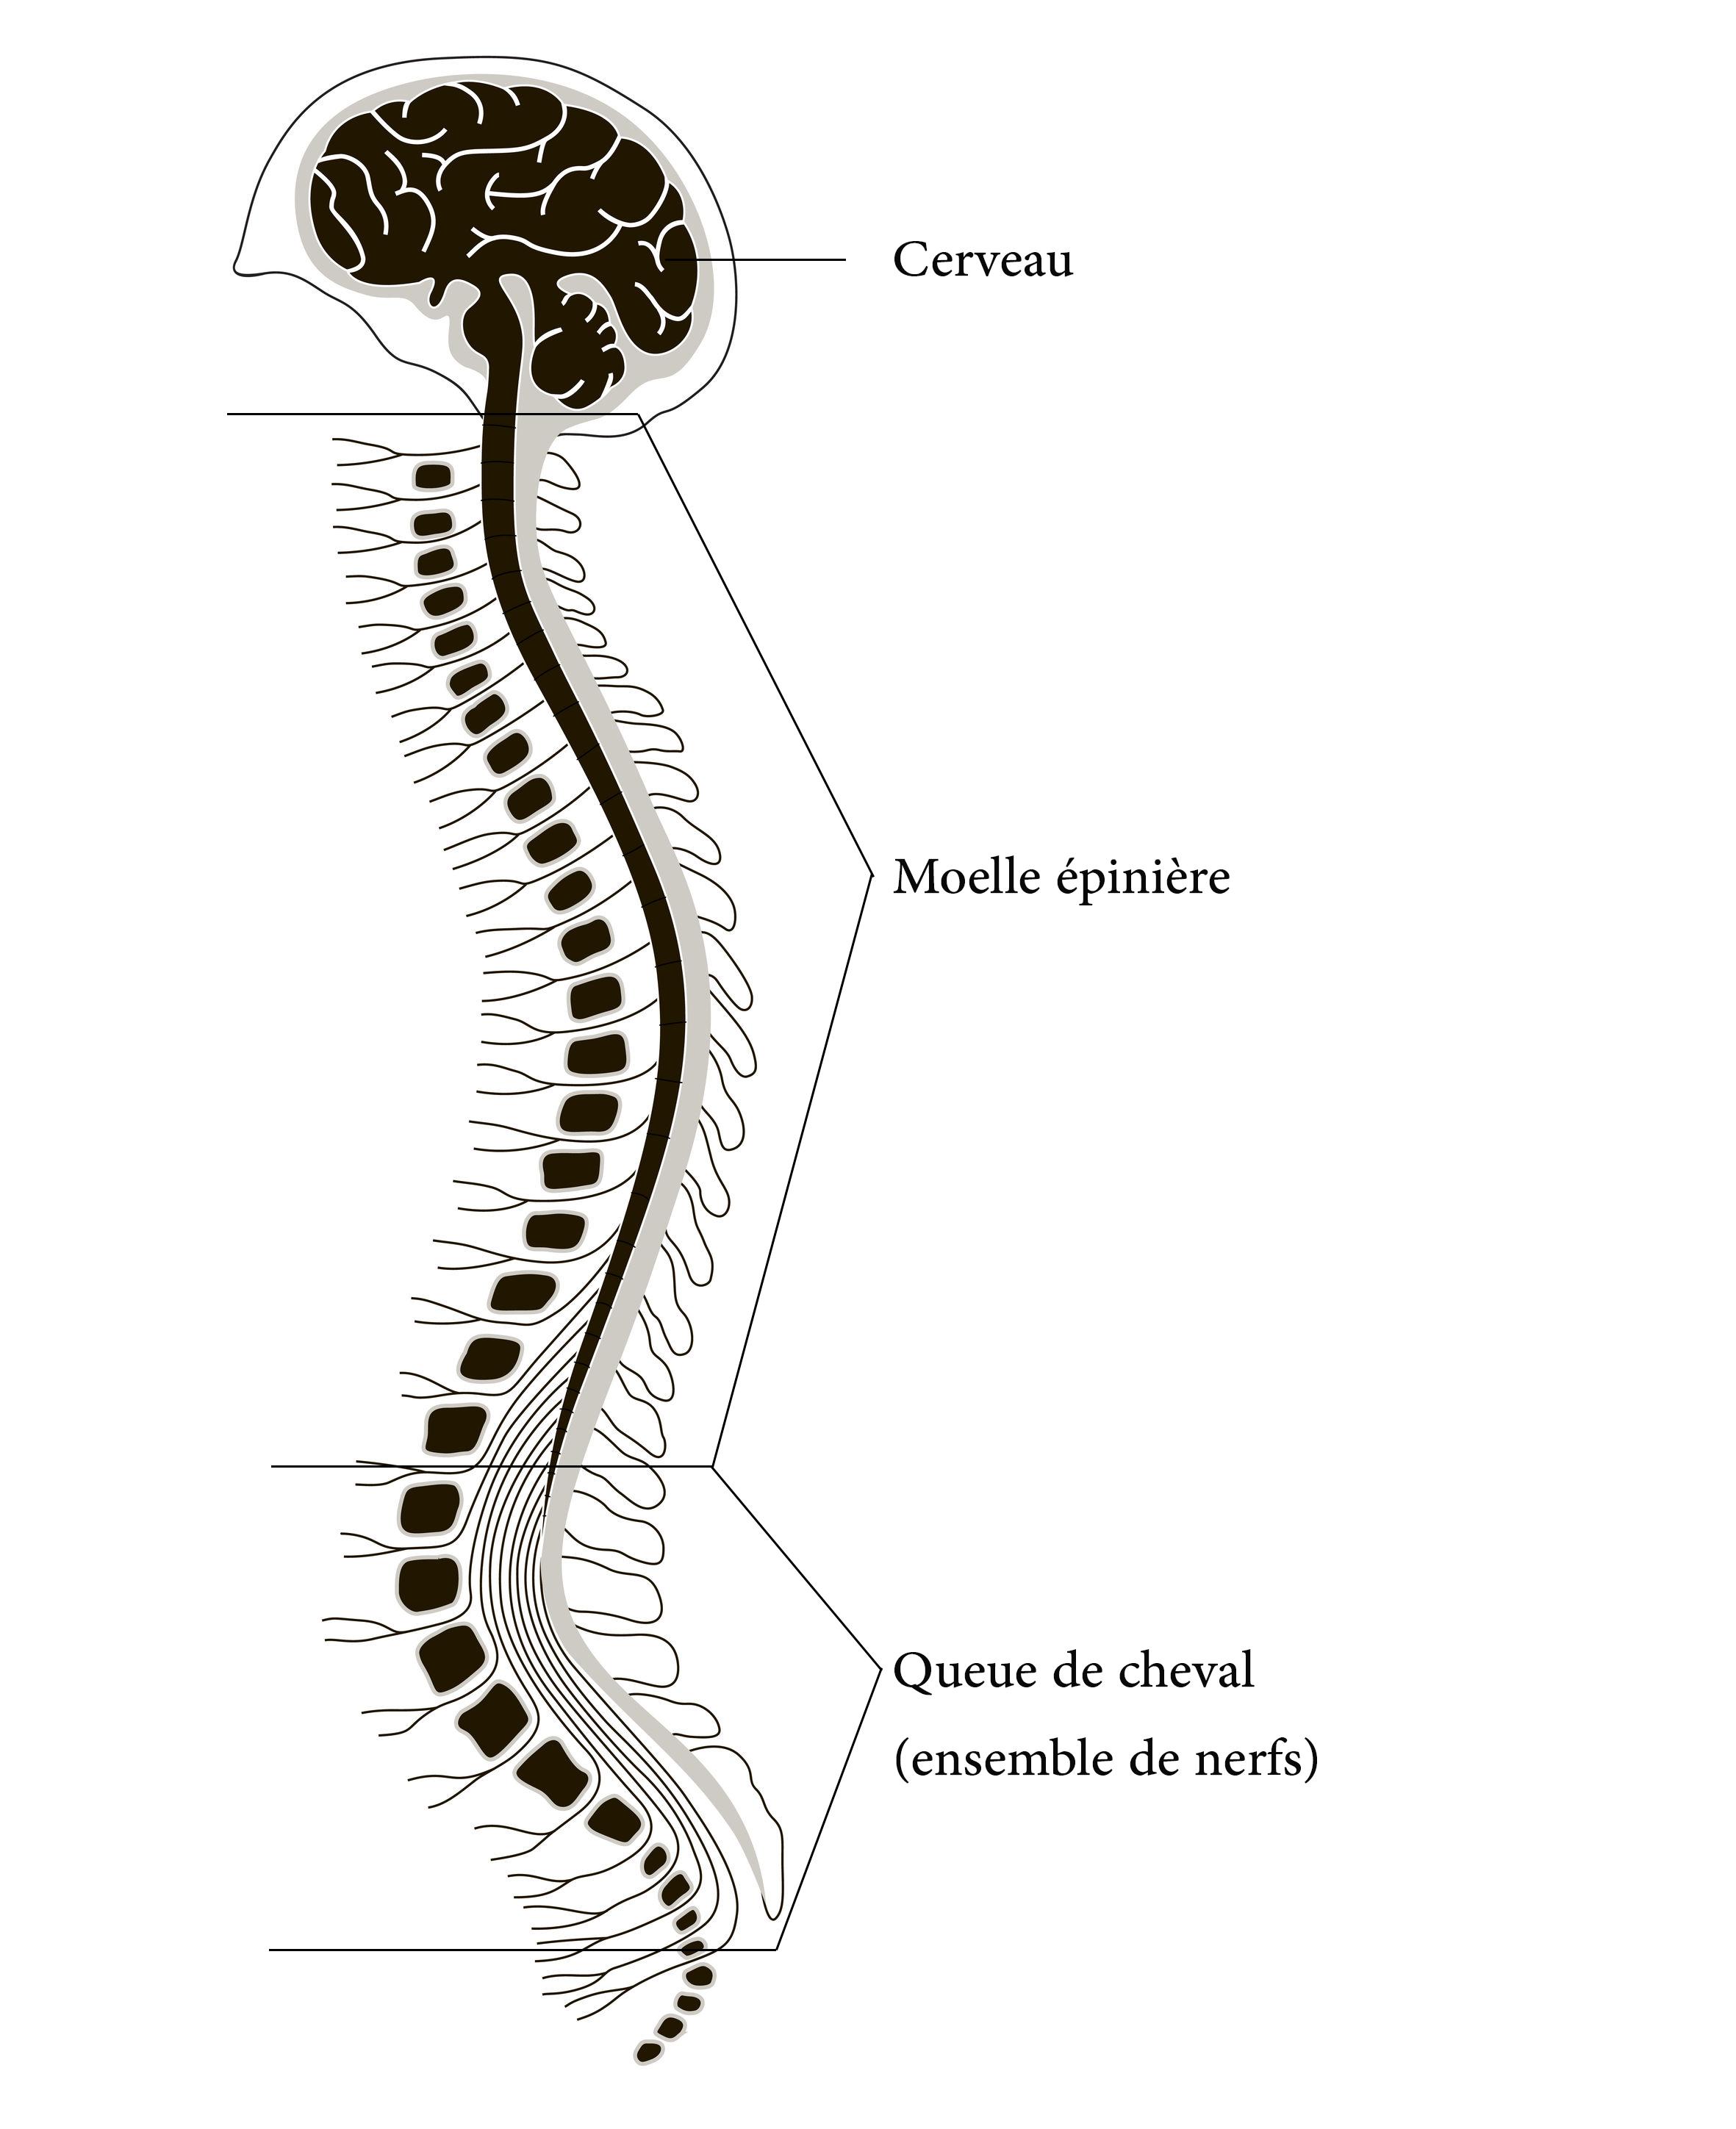 La discopathie dégénérative lombaire et les lombalgies chroniques